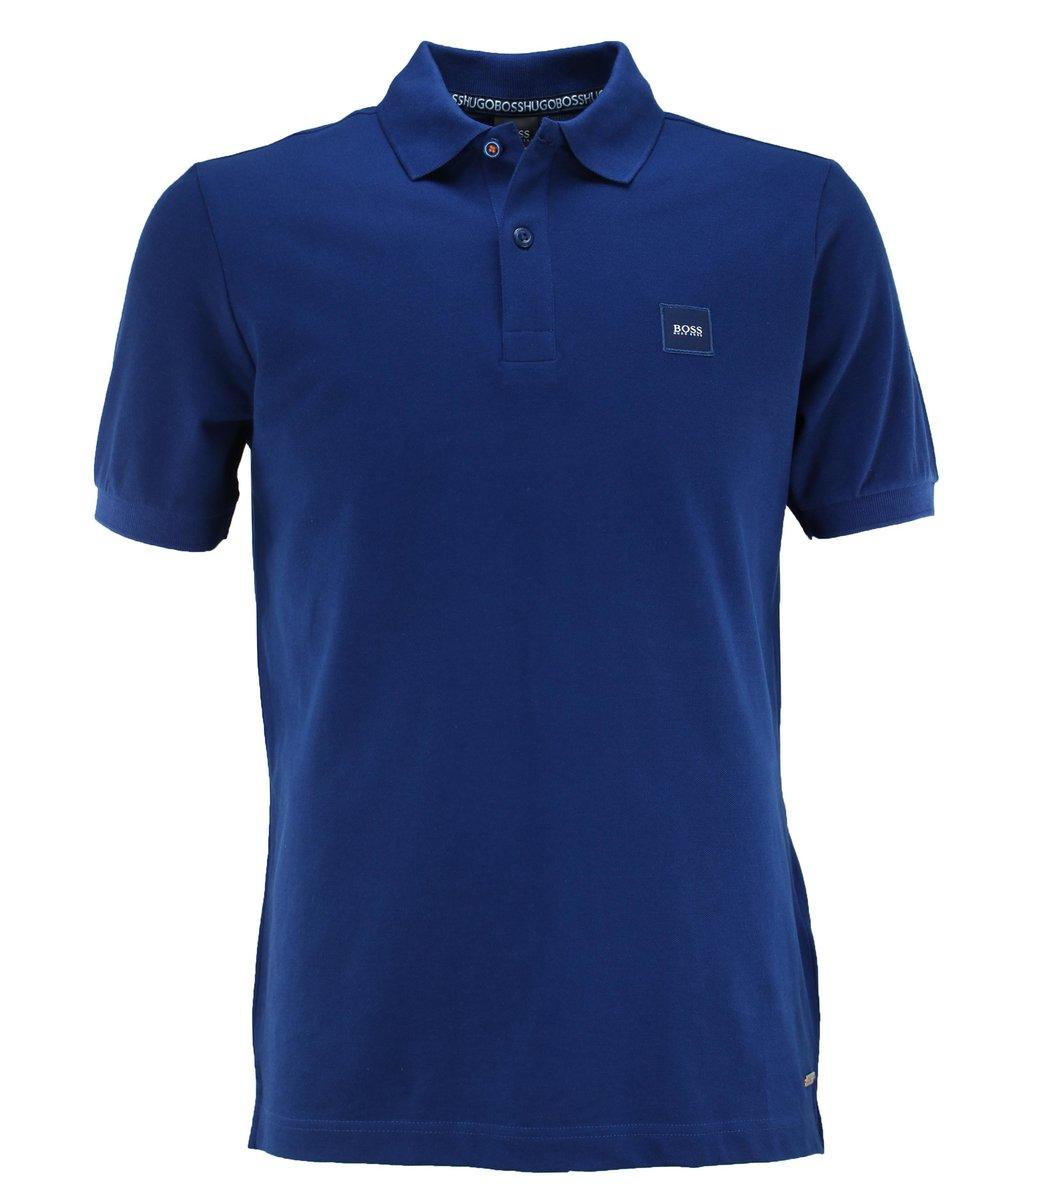 Синяя футболка поло Hugo Boss HB6 (2)